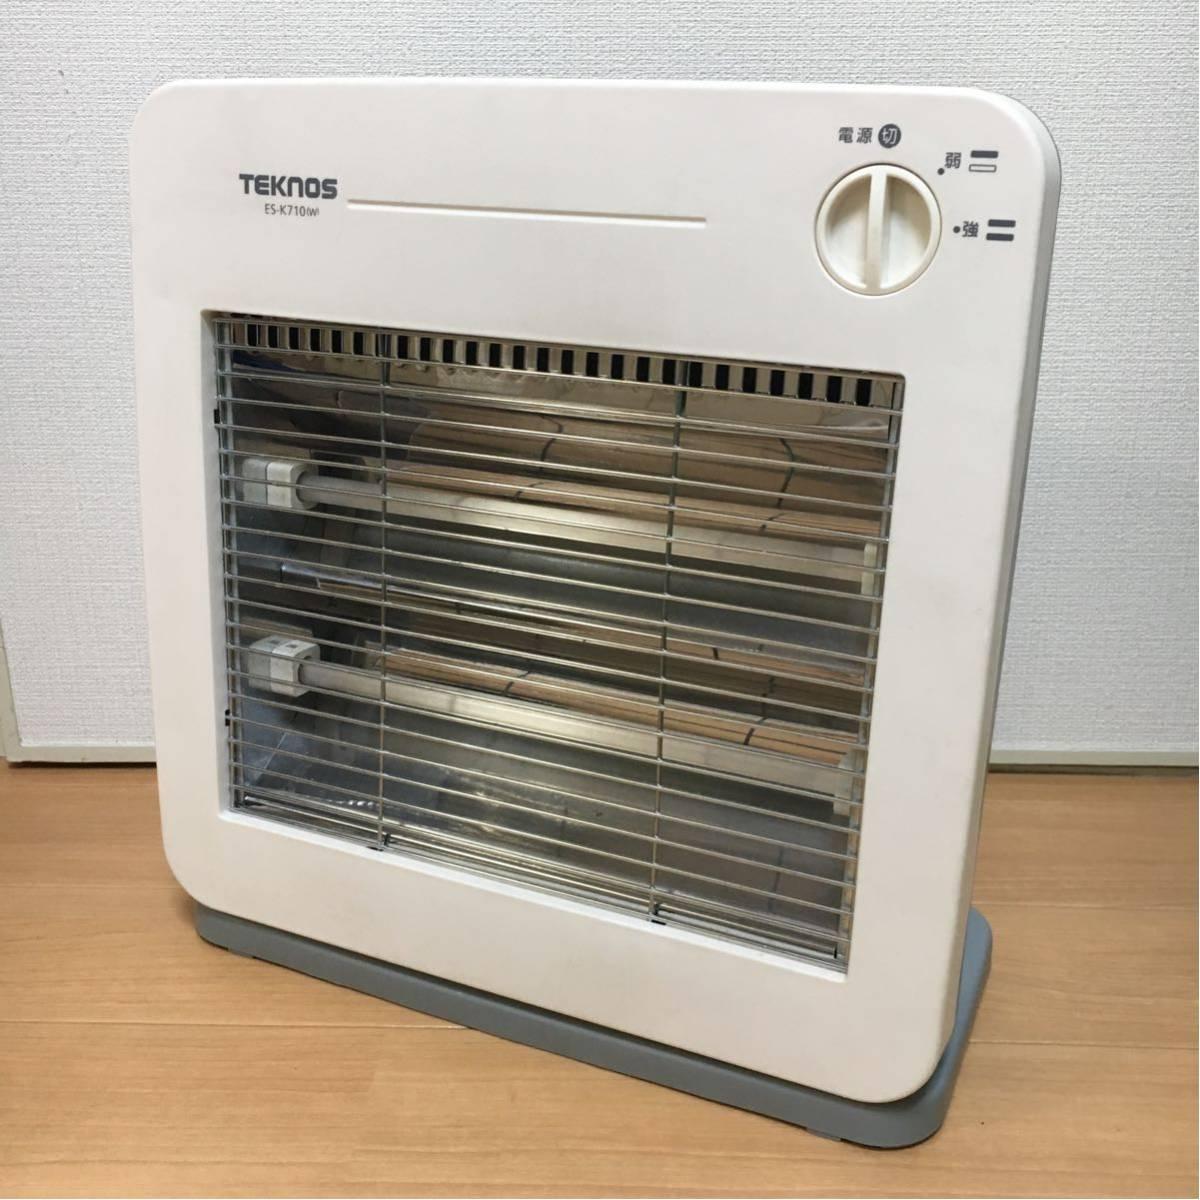 【美品】電気ストーブ ヒーター TEKNOS 800W 暖房器具 動作確認済み 転倒OFFスイッチ_画像1